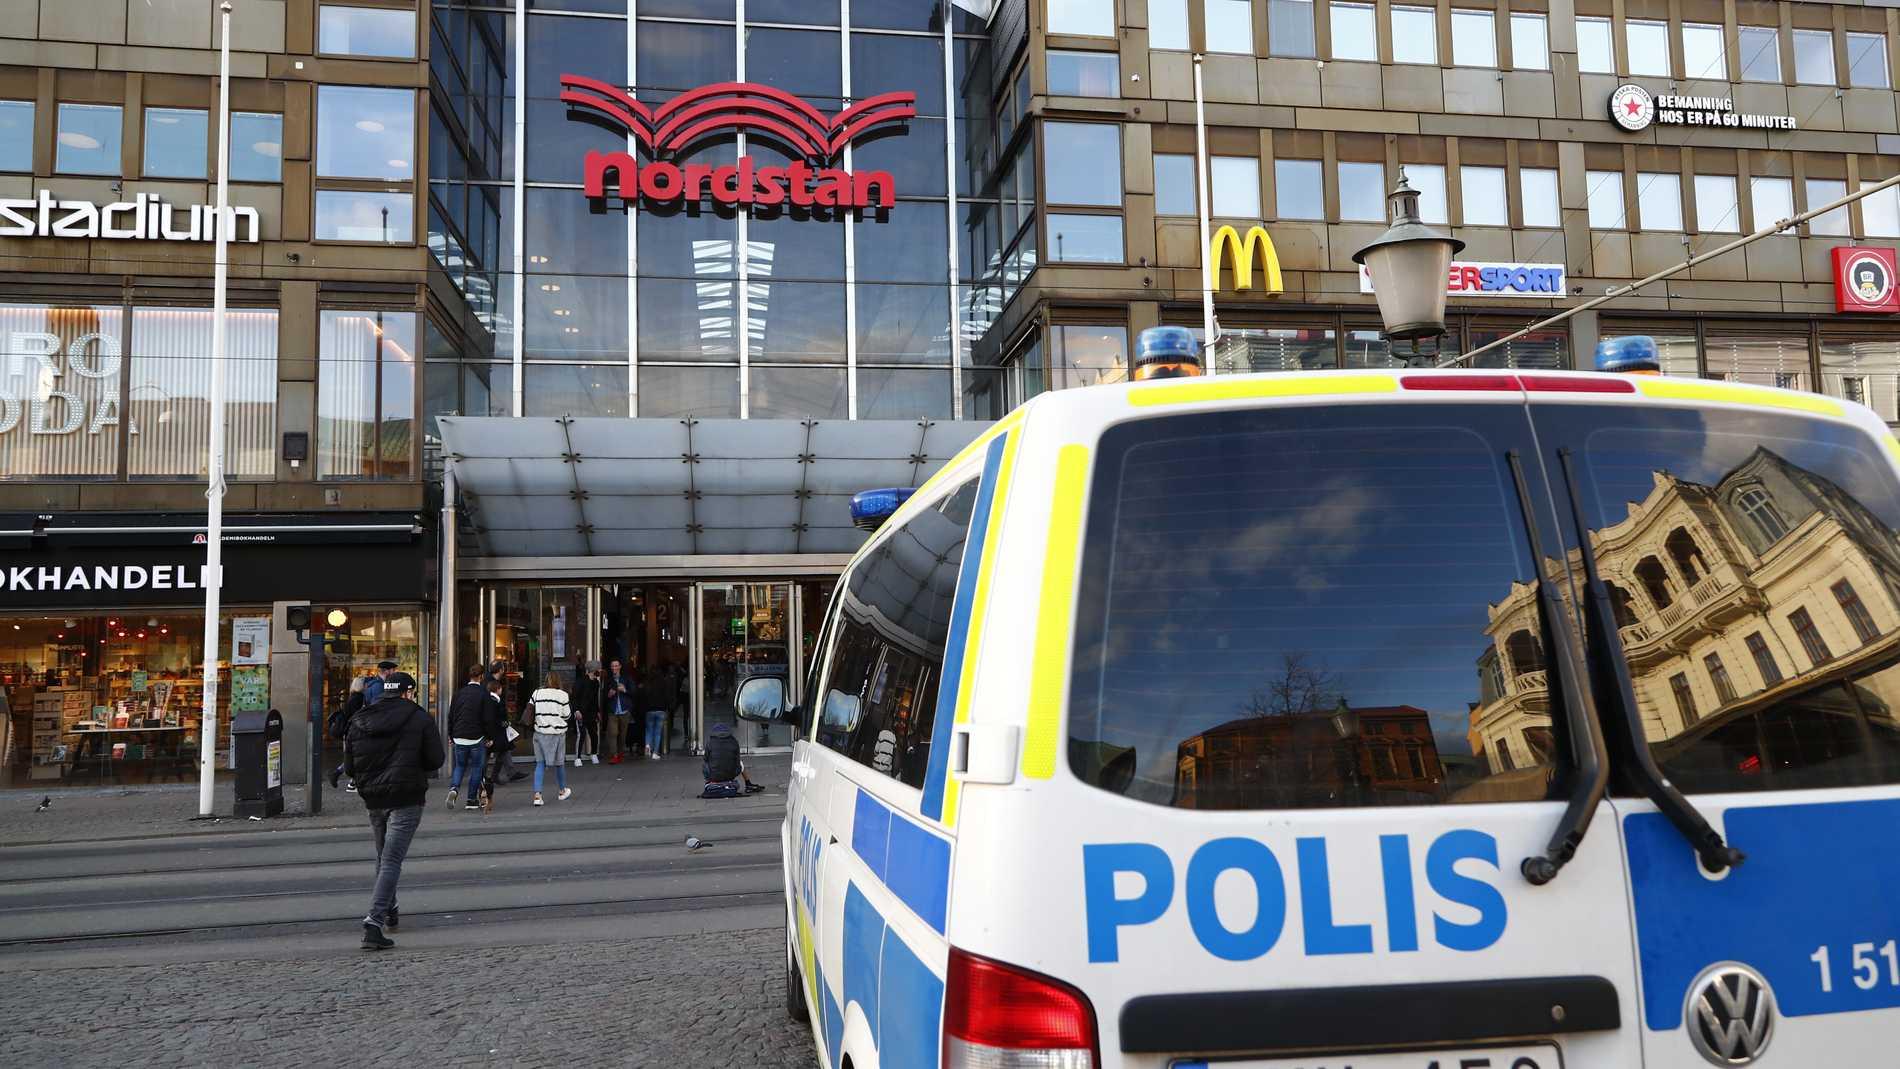 Hovrätten sänker straffet för ett knivdåd nära köpcentret Nordstan i Göteborg i fjol. Arkivbild.